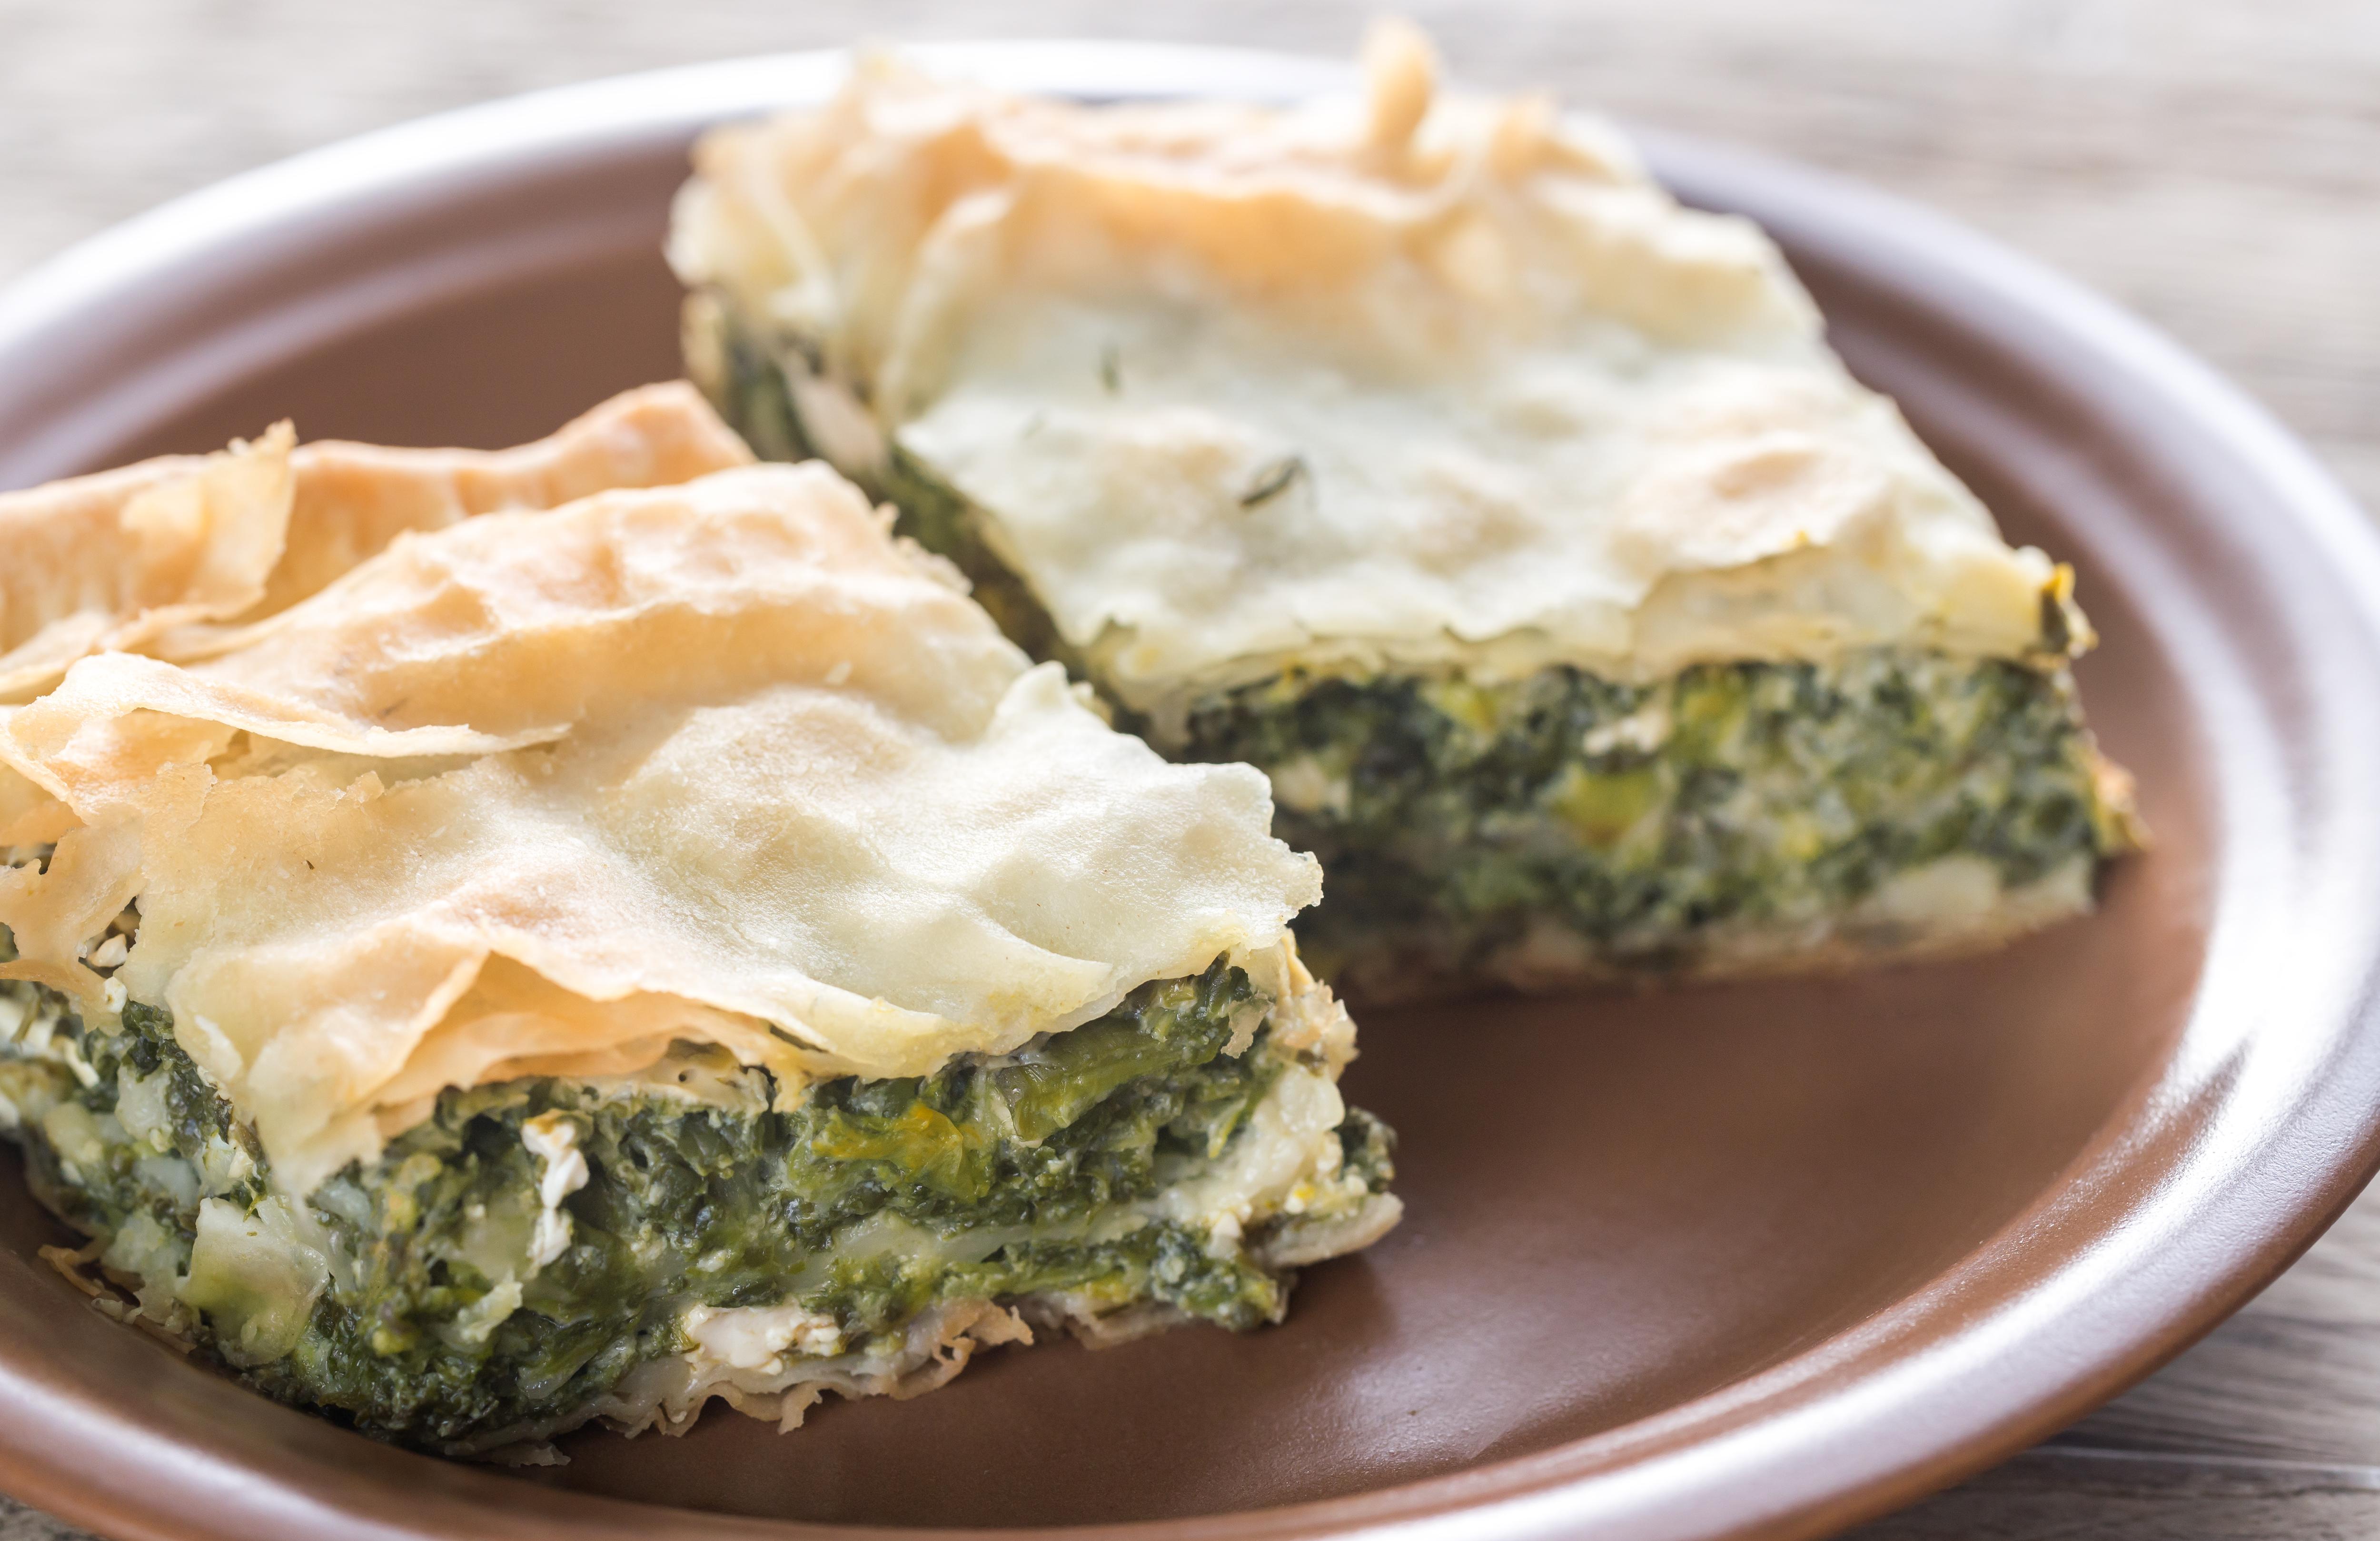 Spanakopita or spinach pie